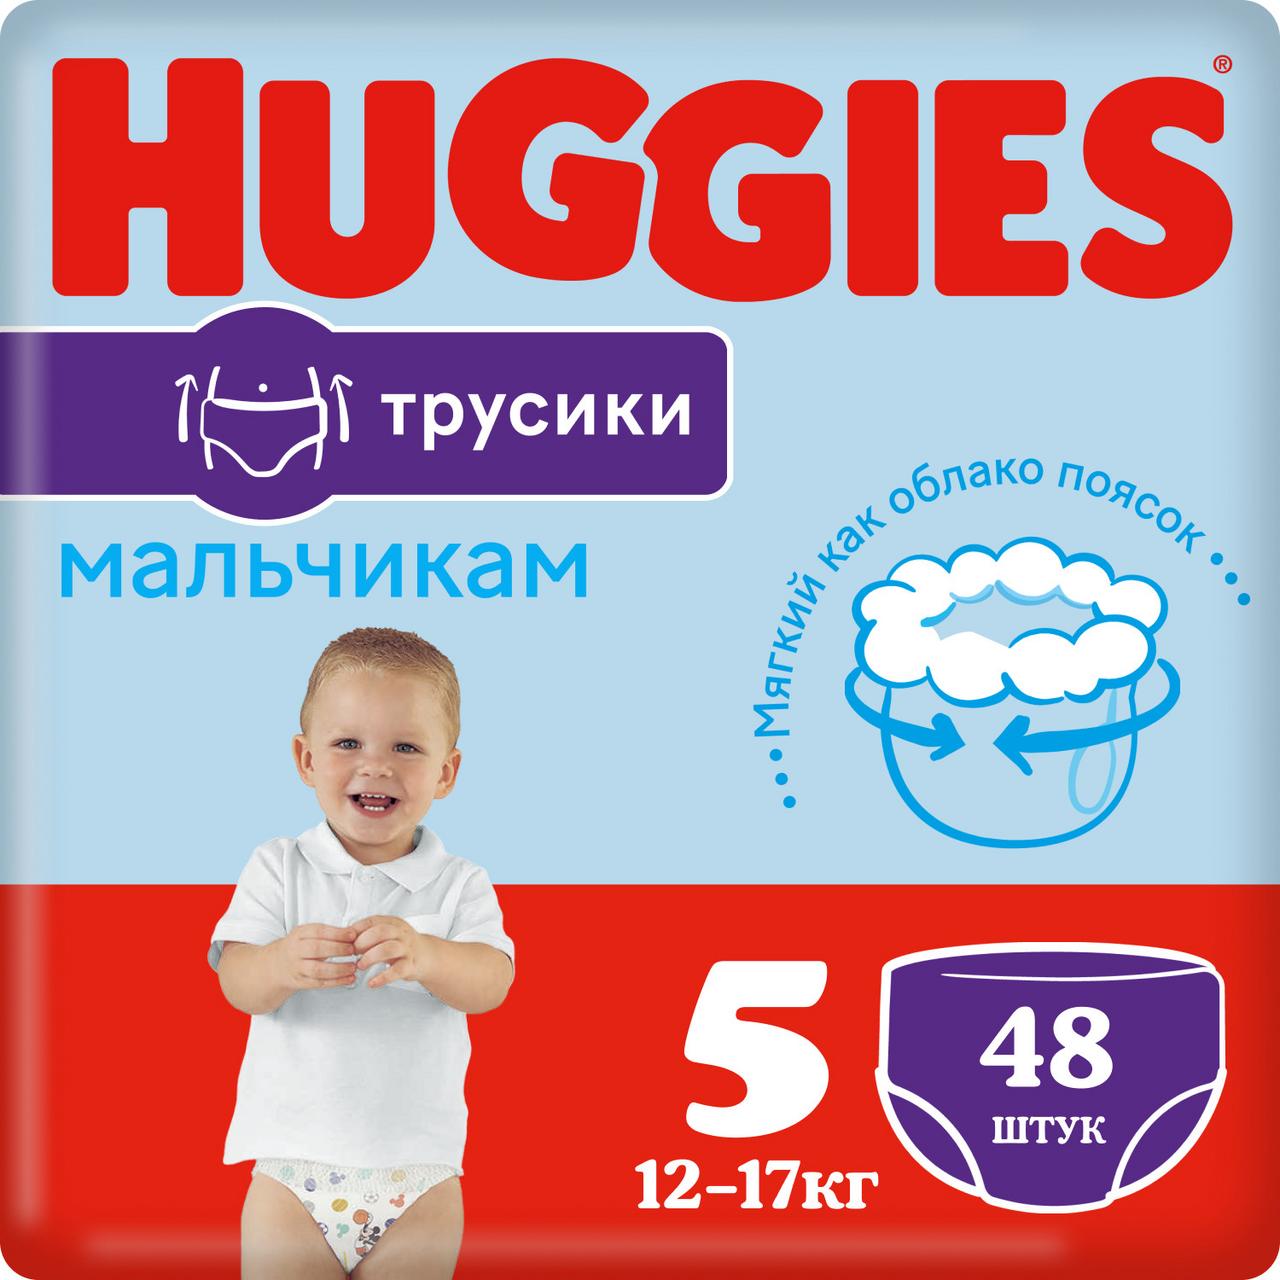 Трусики HUGGIES для мальчиков 5 (13-17кг), 48 шт.